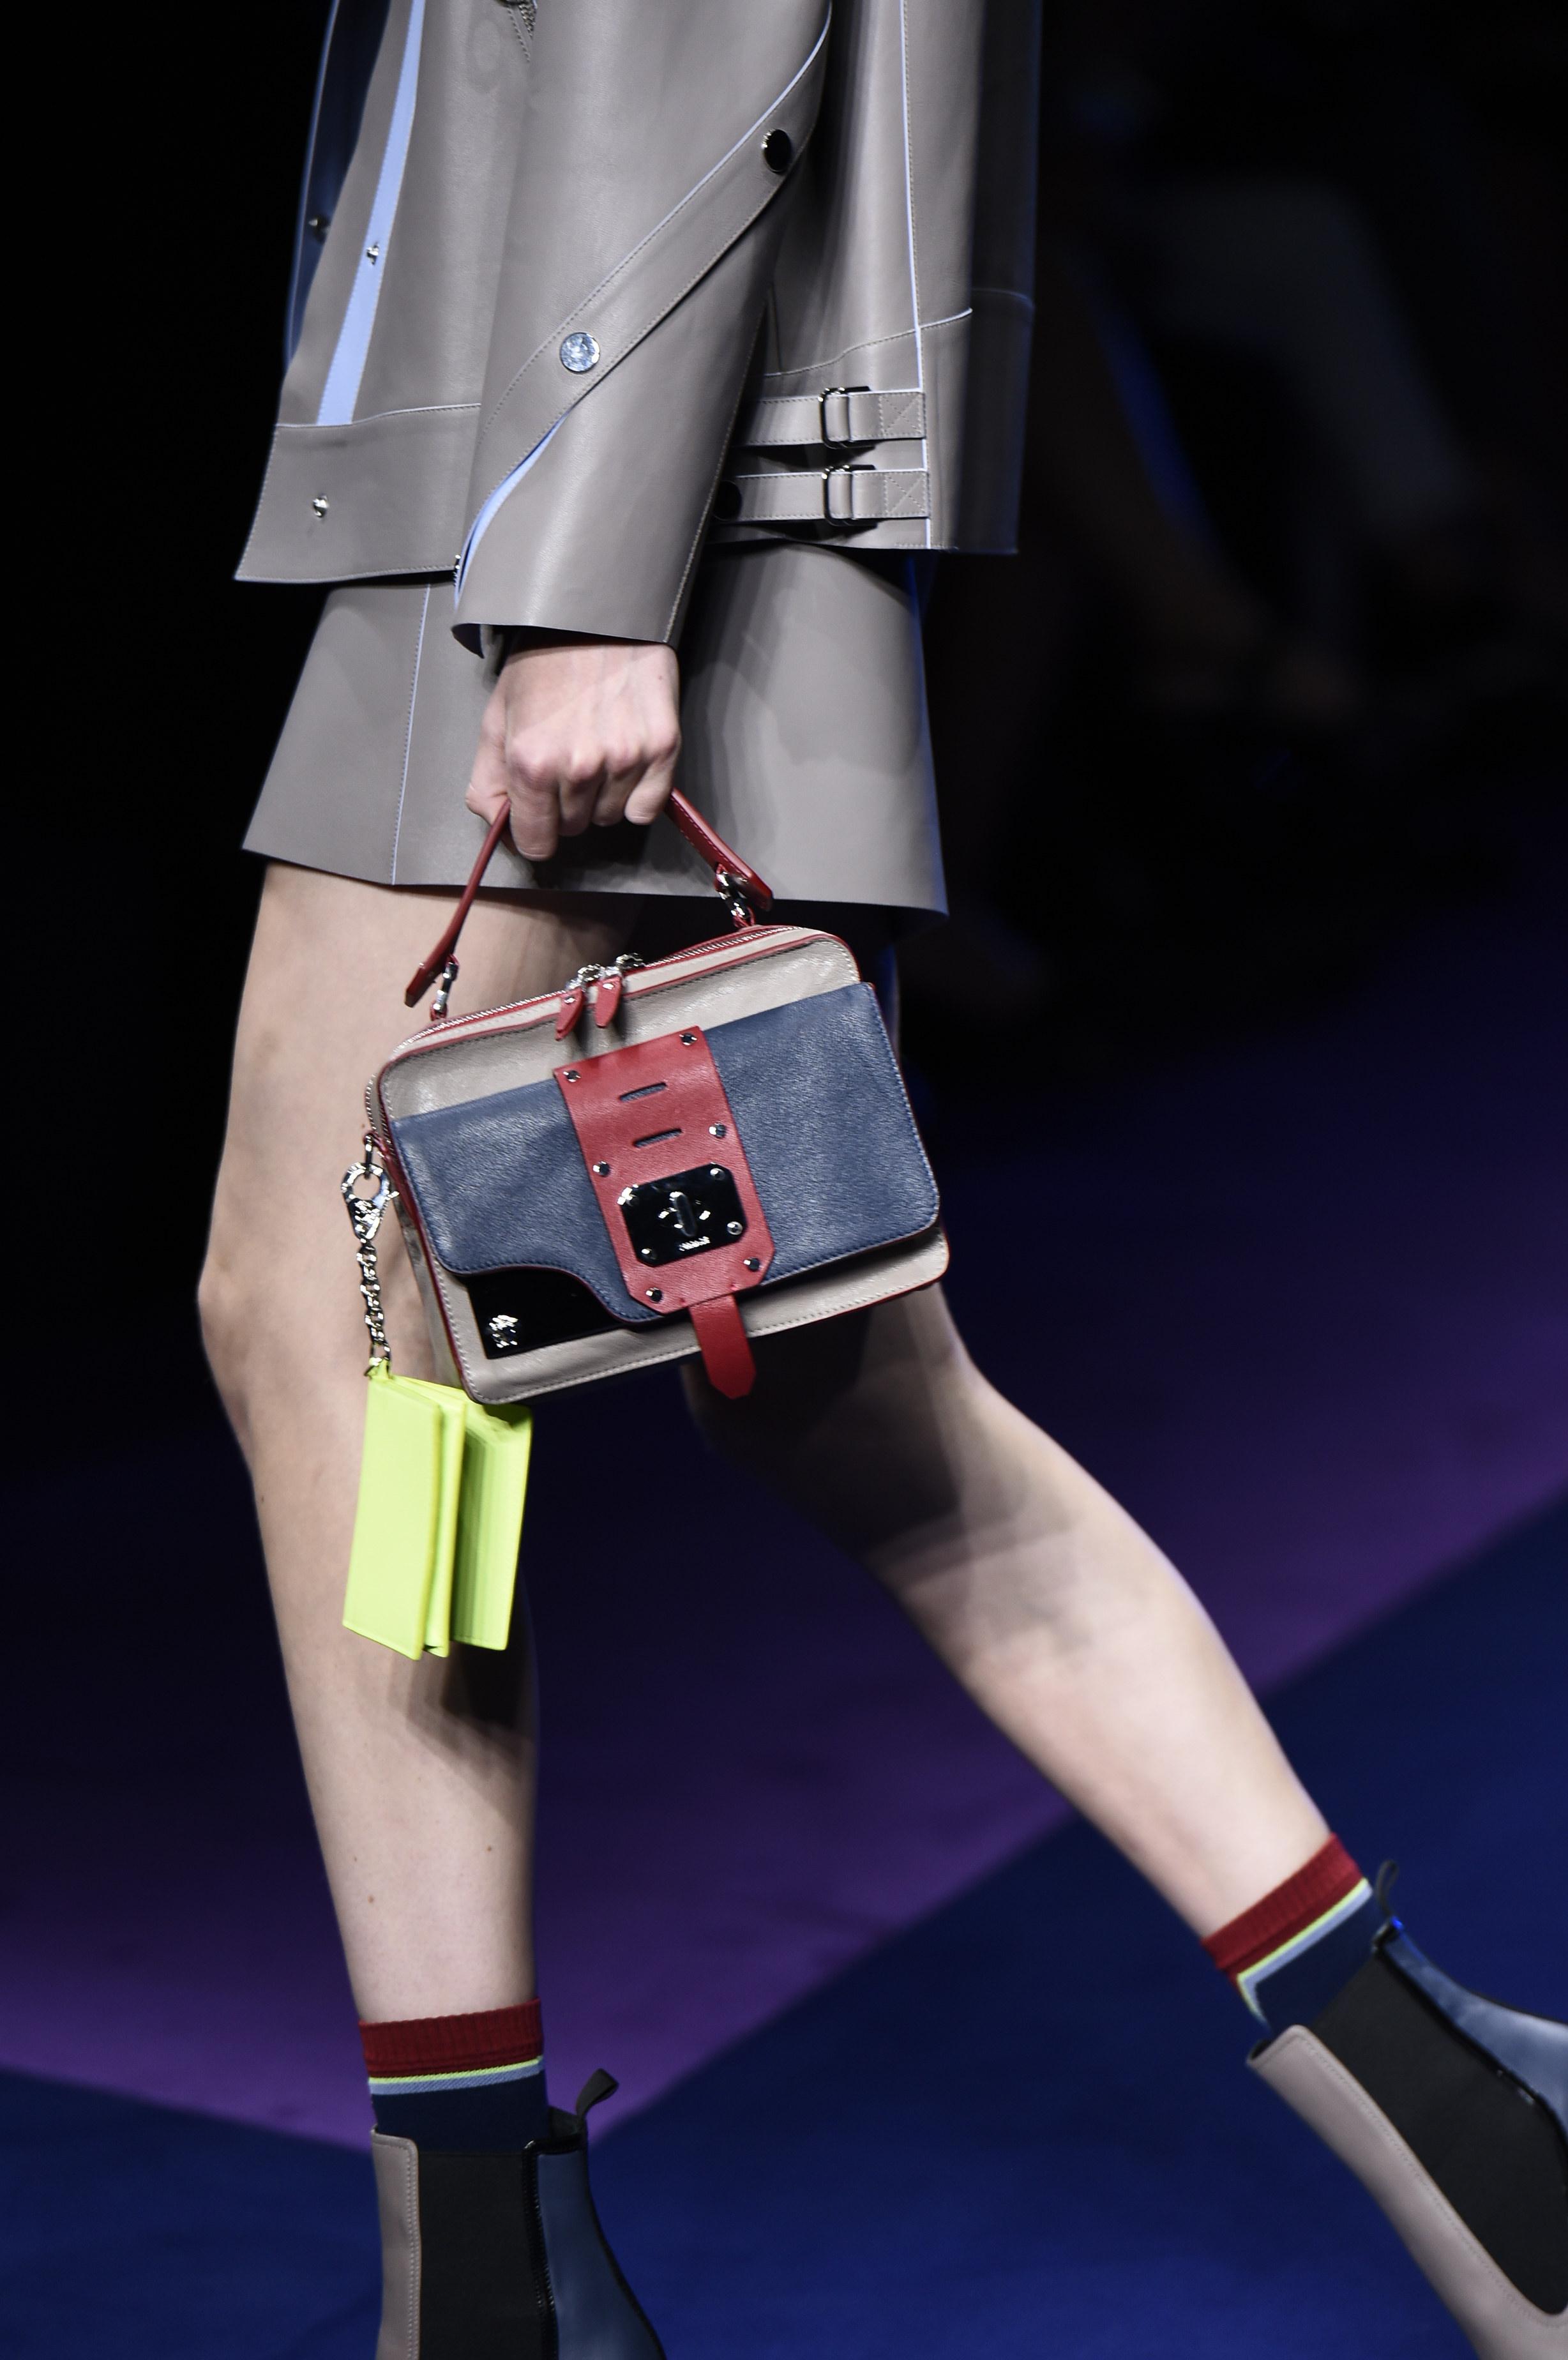 9c3fa9a6911e MANIFESTO - ROCK THE BOAT  Versace s Stardvst bags